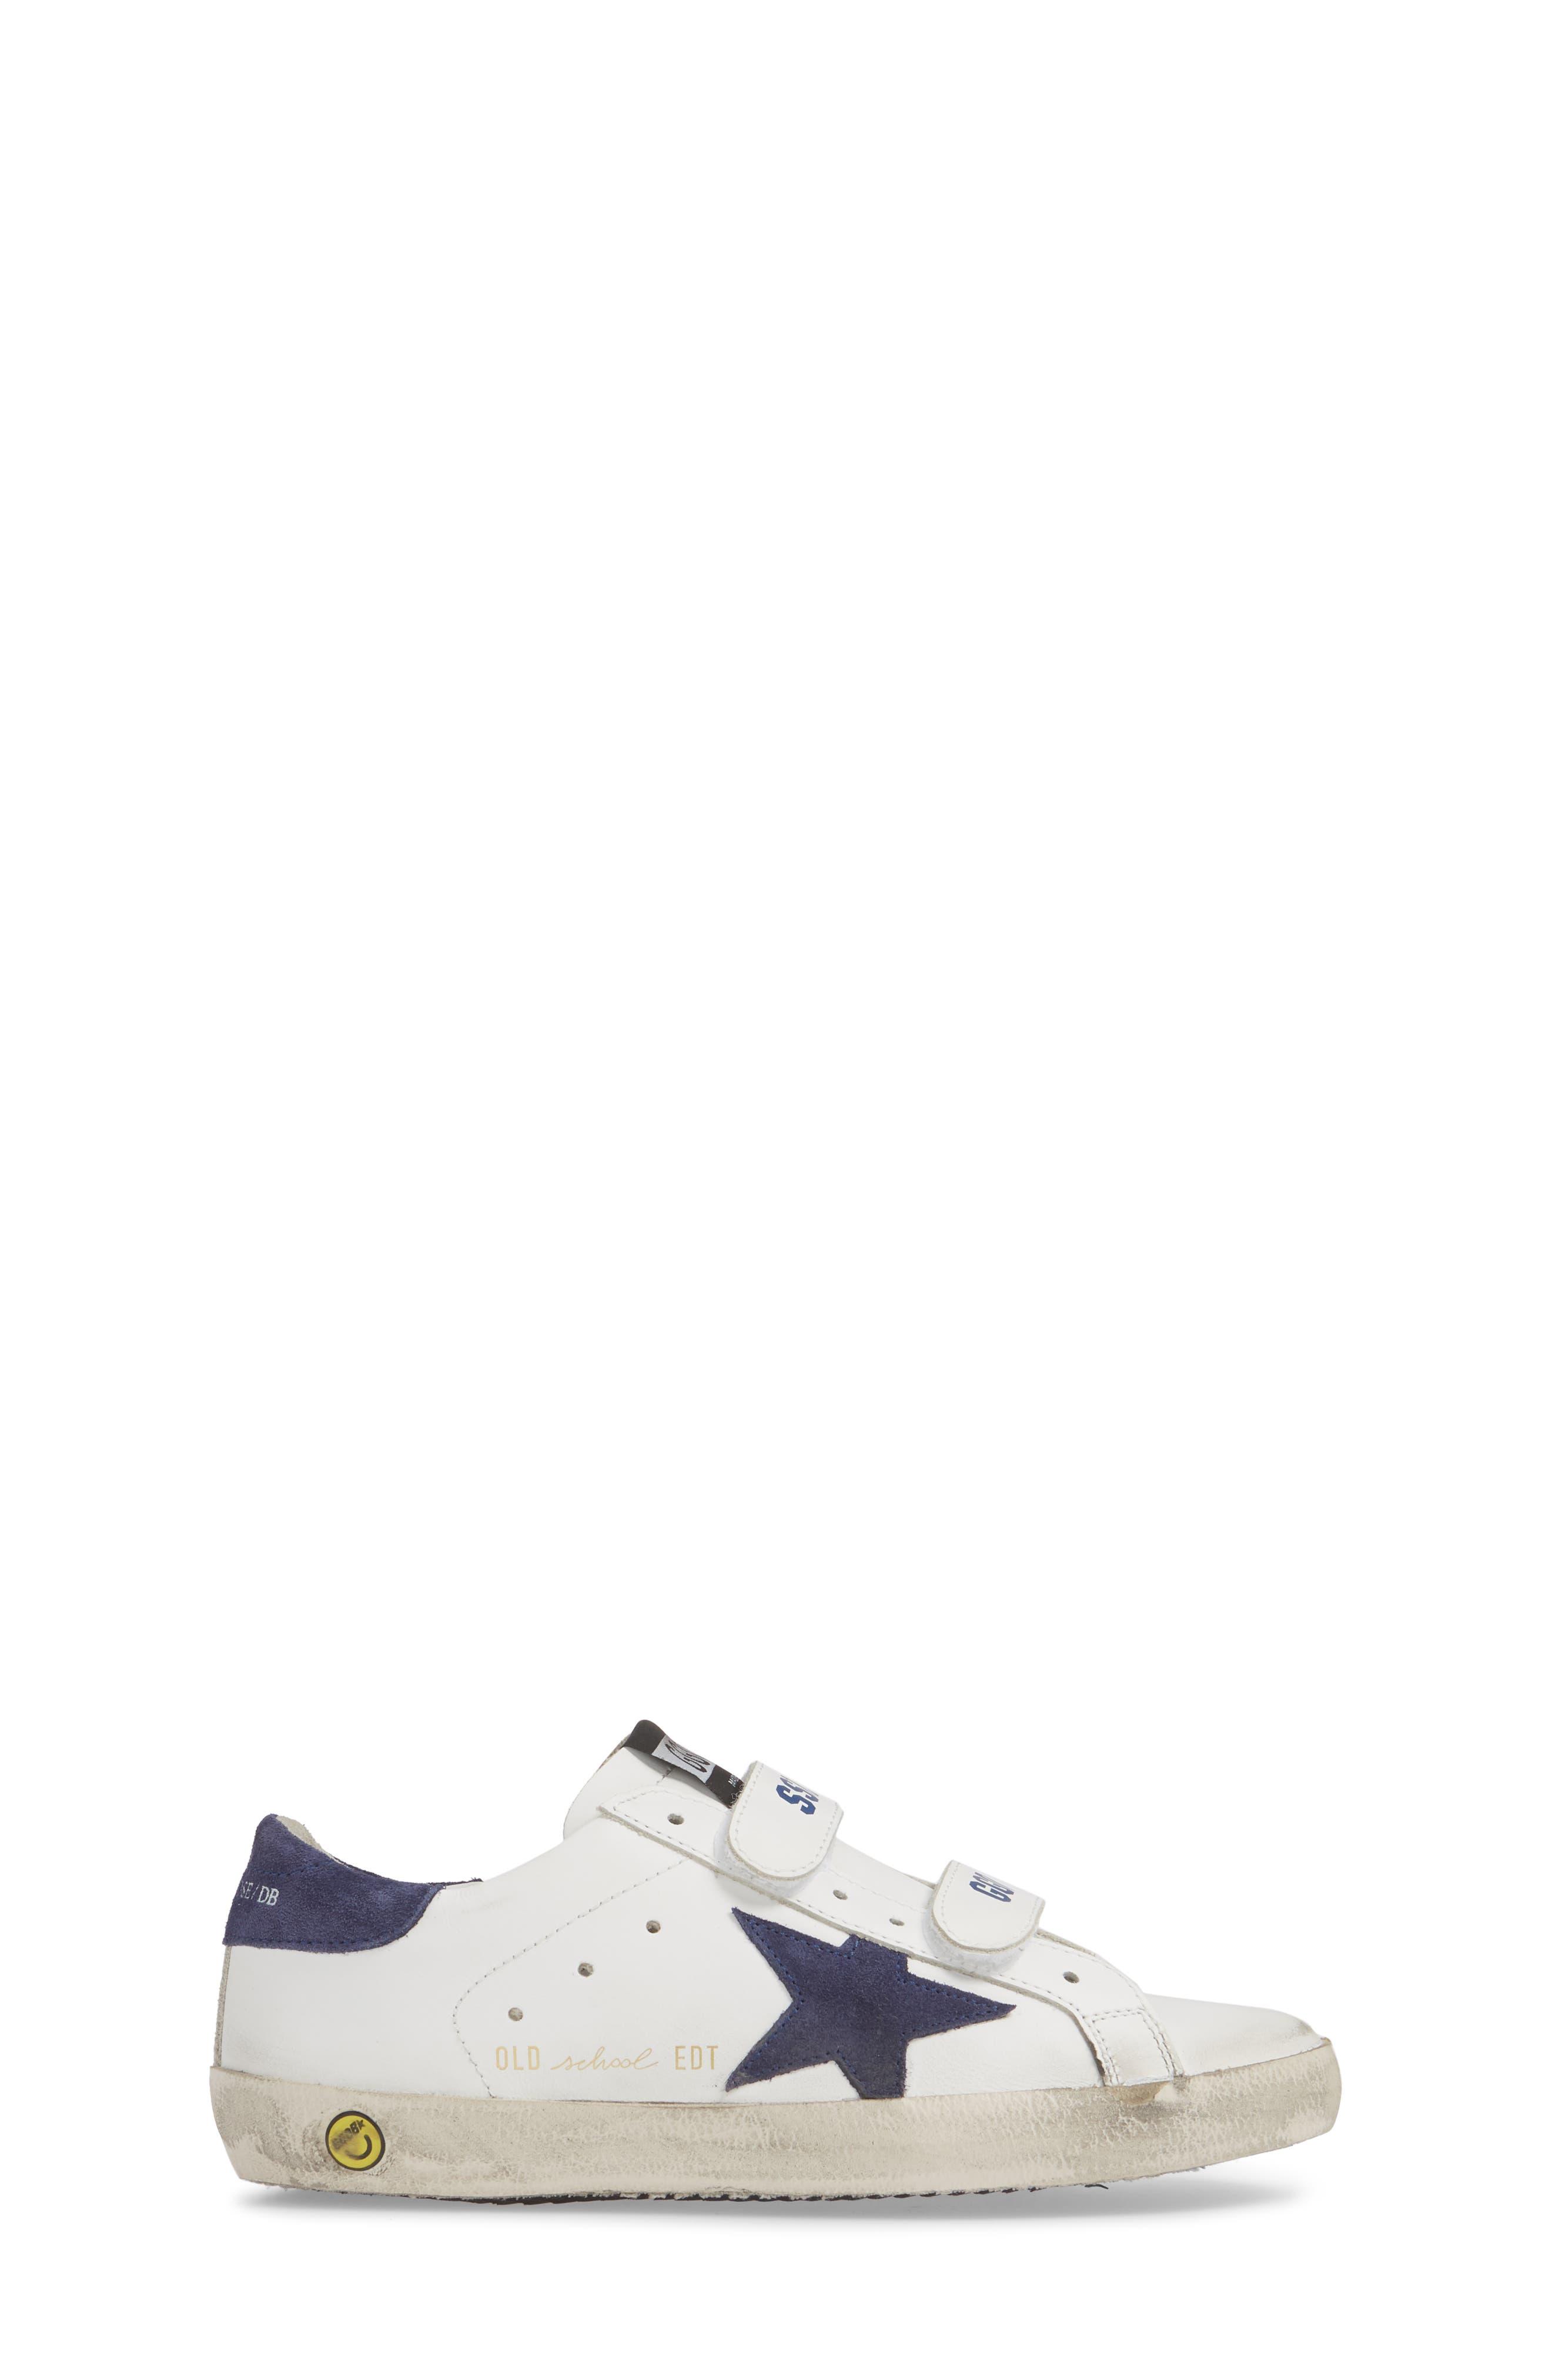 GOLDEN GOOSE, Glitter Old School Sneaker, Alternate thumbnail 3, color, WHITE LEATHER/ NAVY STAR